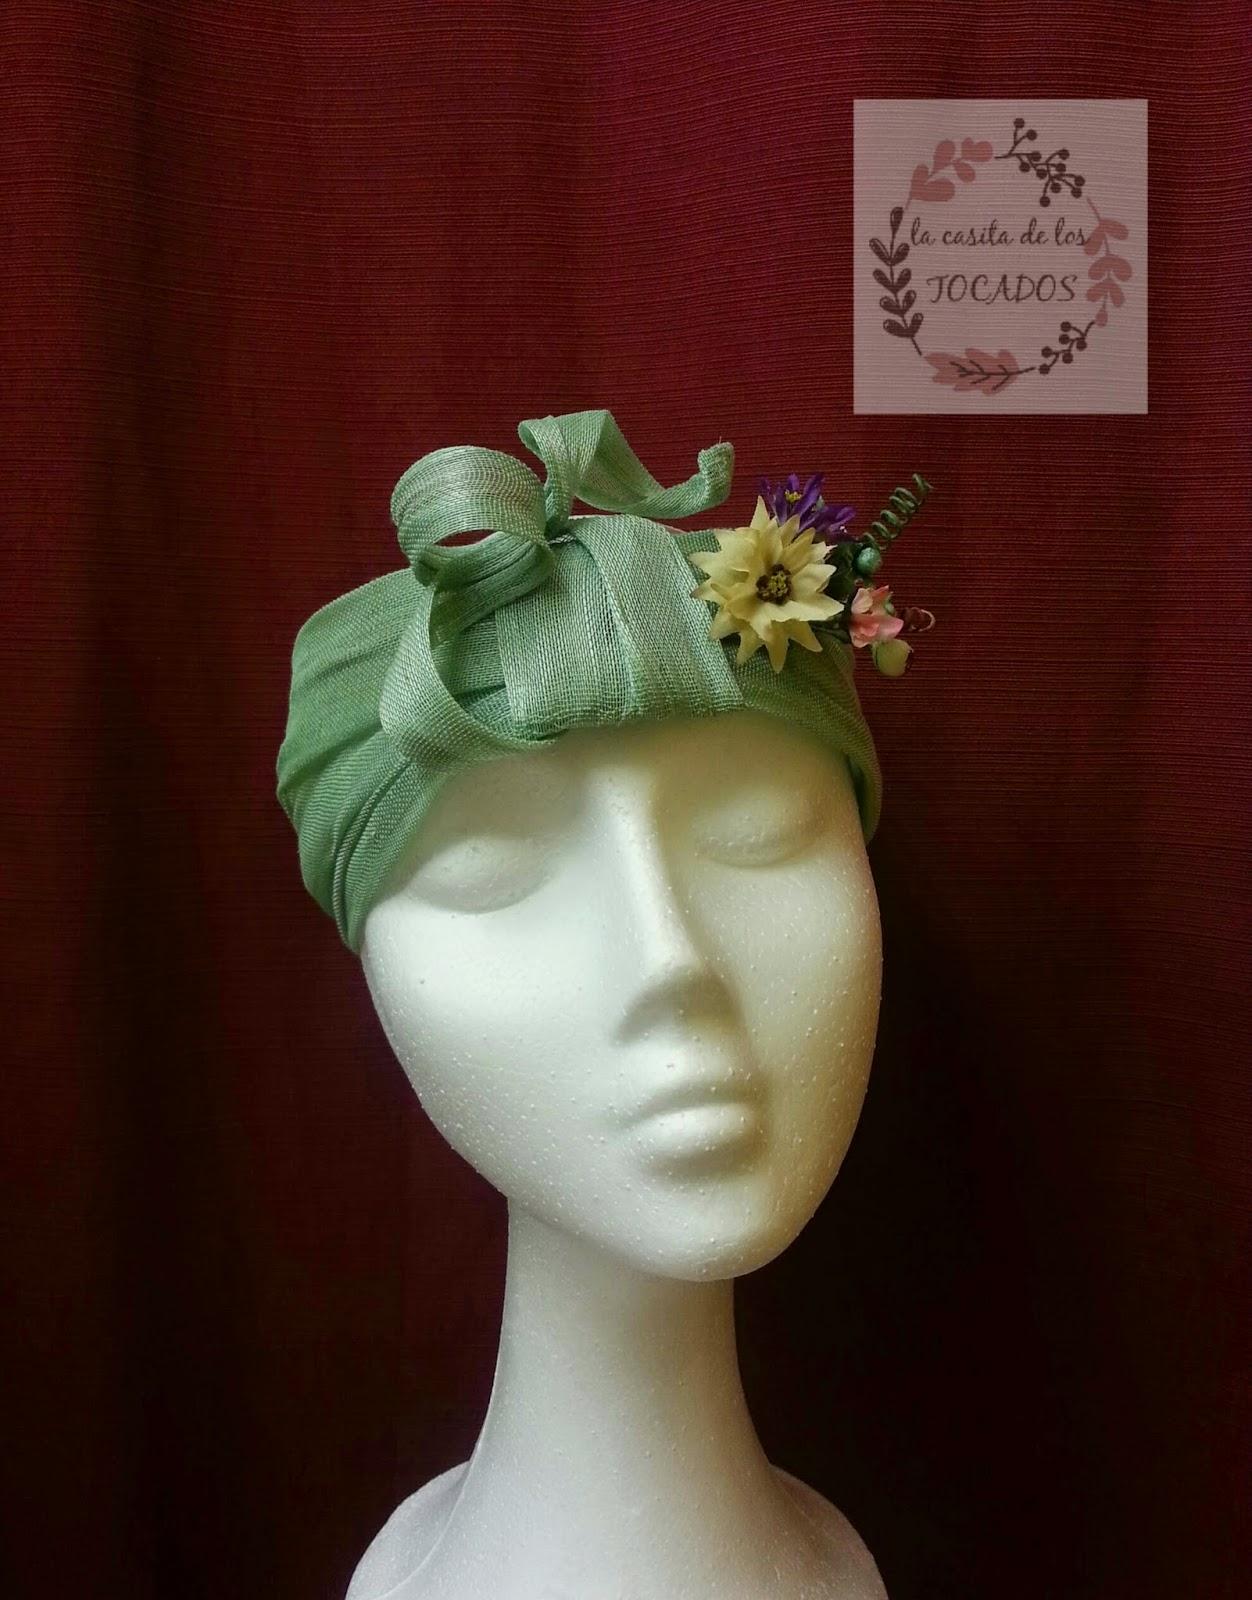 turbante realizado con sinamay de seda en color verde agua y flores variadas para boda